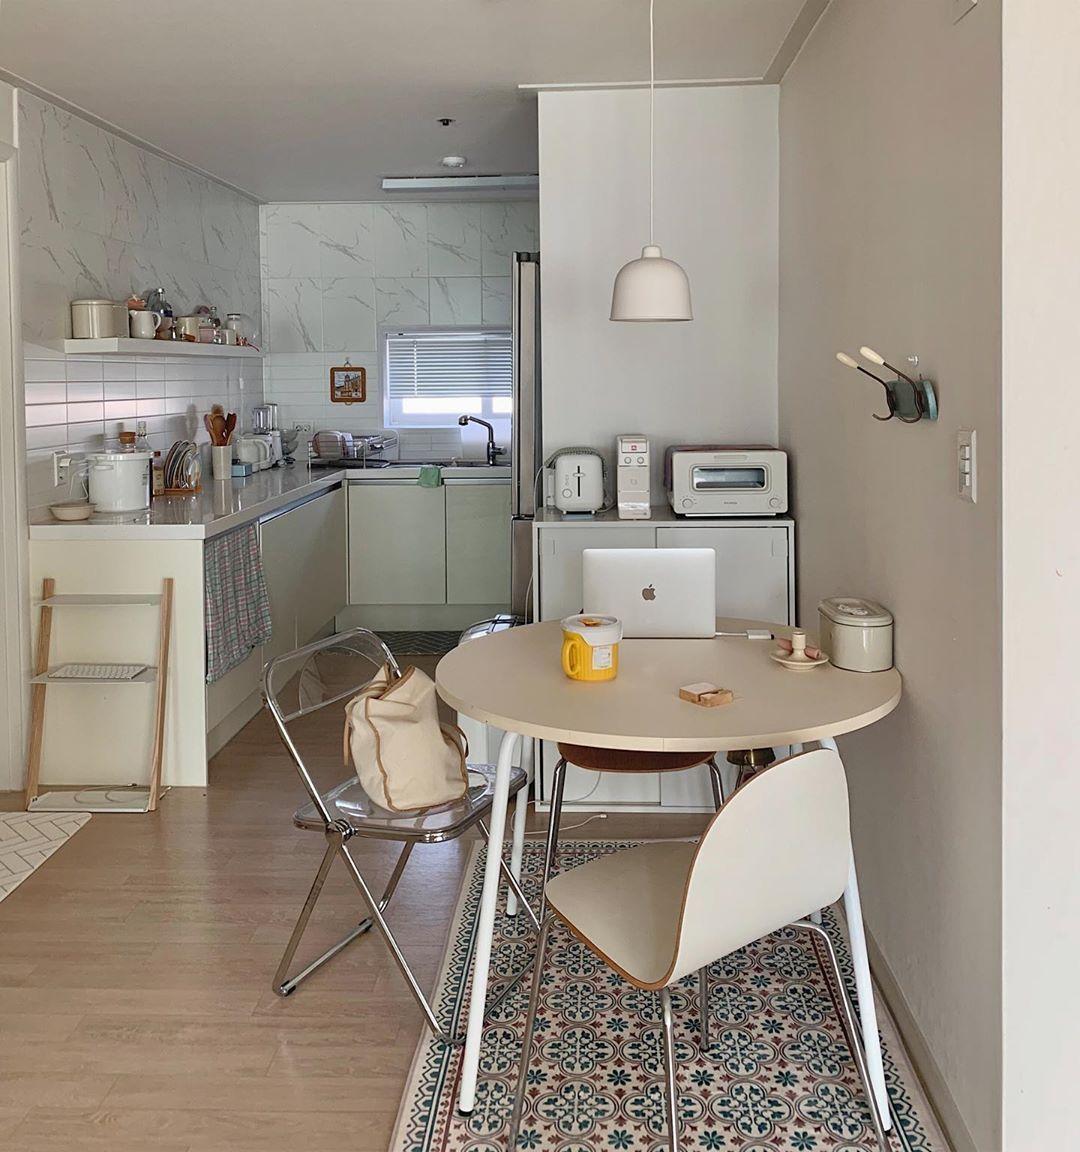 𝘱𝘪𝘯𝘵𝘦𝘳𝘦𝘴𝘵 𝘱𝘢𝘷𝘭𝘹𝘷𝘦 ゚ in 2020 home korean apartment interior apartment interior on kitchen interior korean id=66877